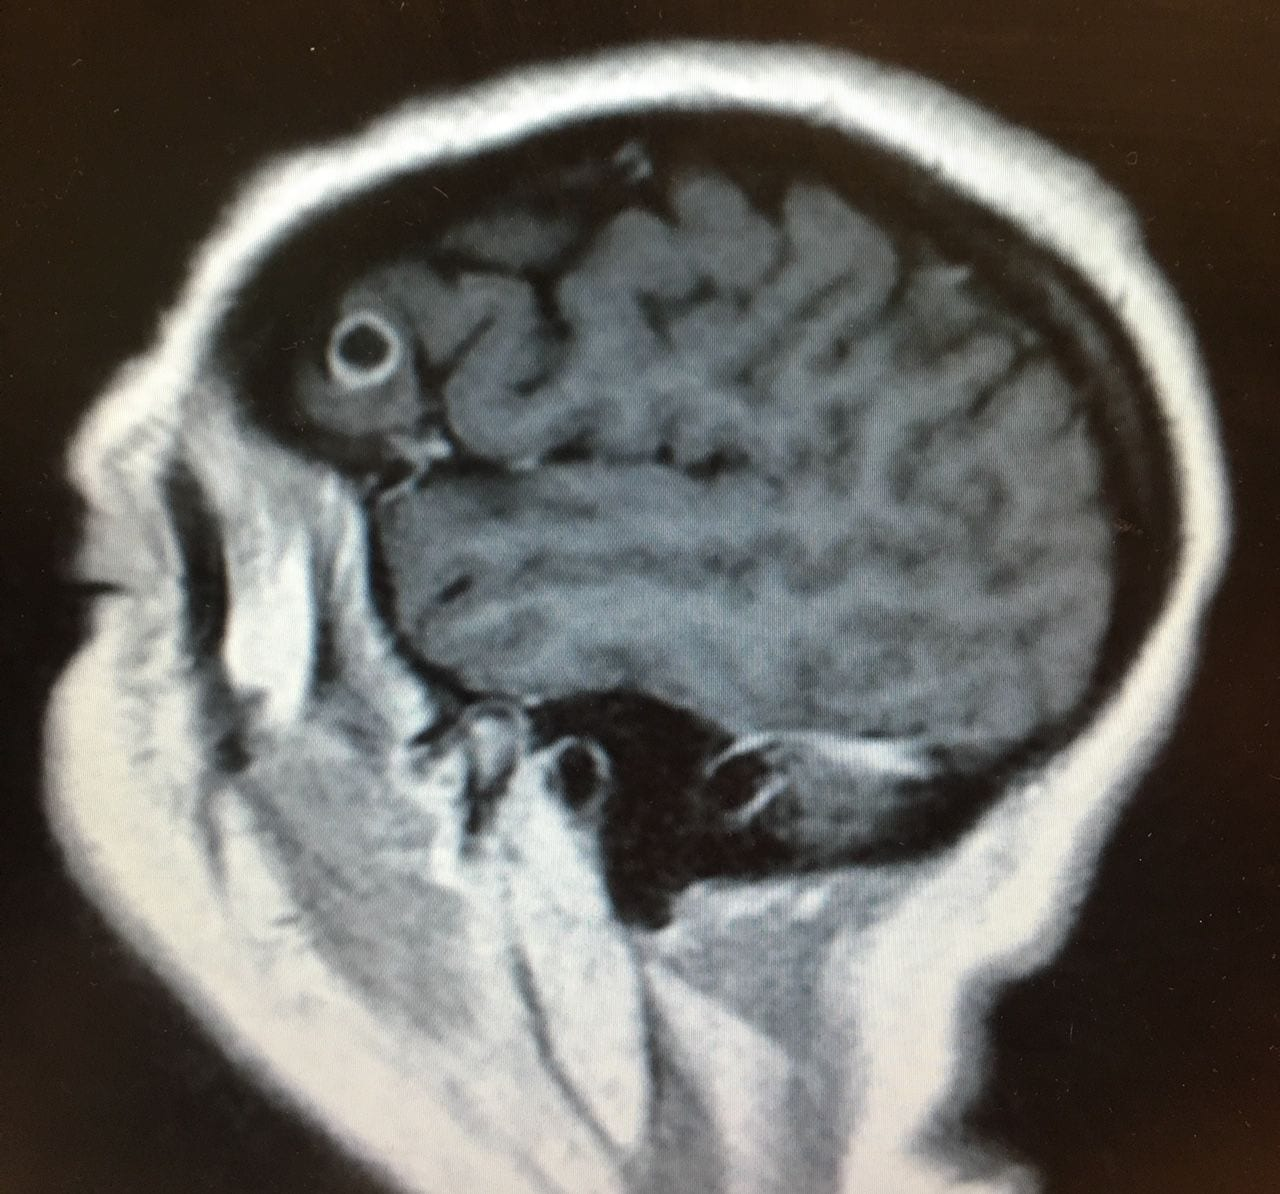 Azt hitték, daganat van az agyában, valami rémisztőbbet találtak